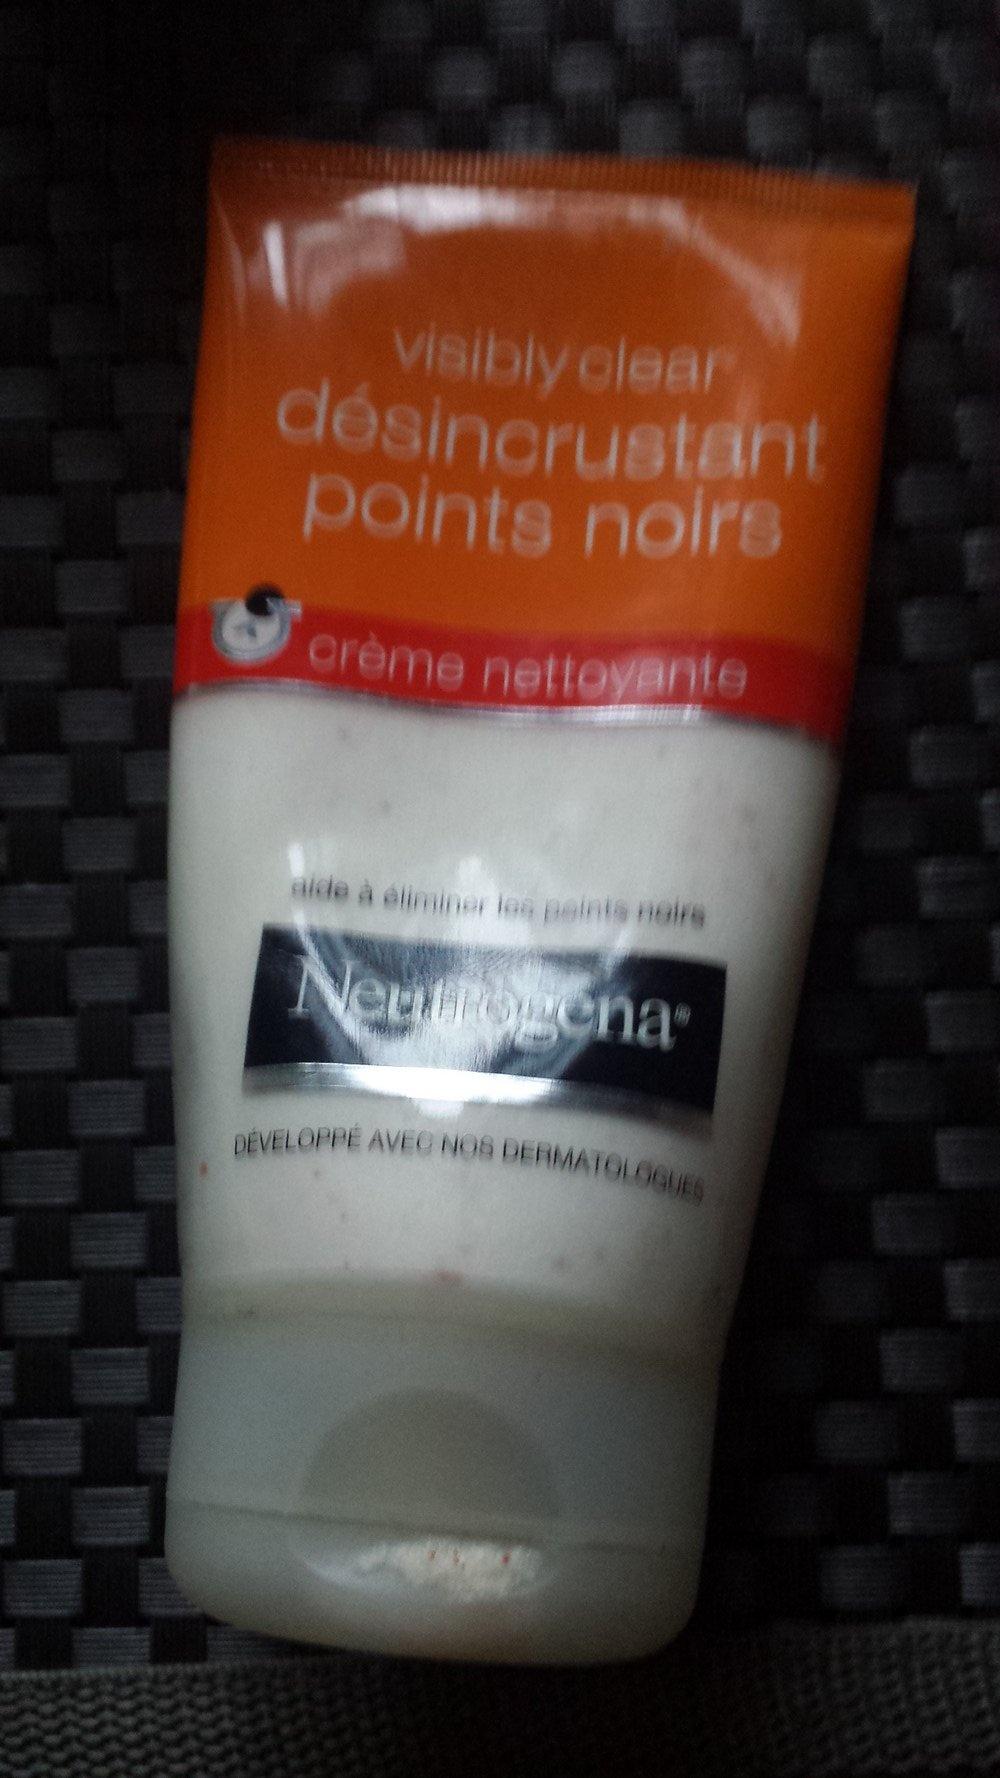 Crème désincrustante points noirs Visibly Clear de Neutrogena